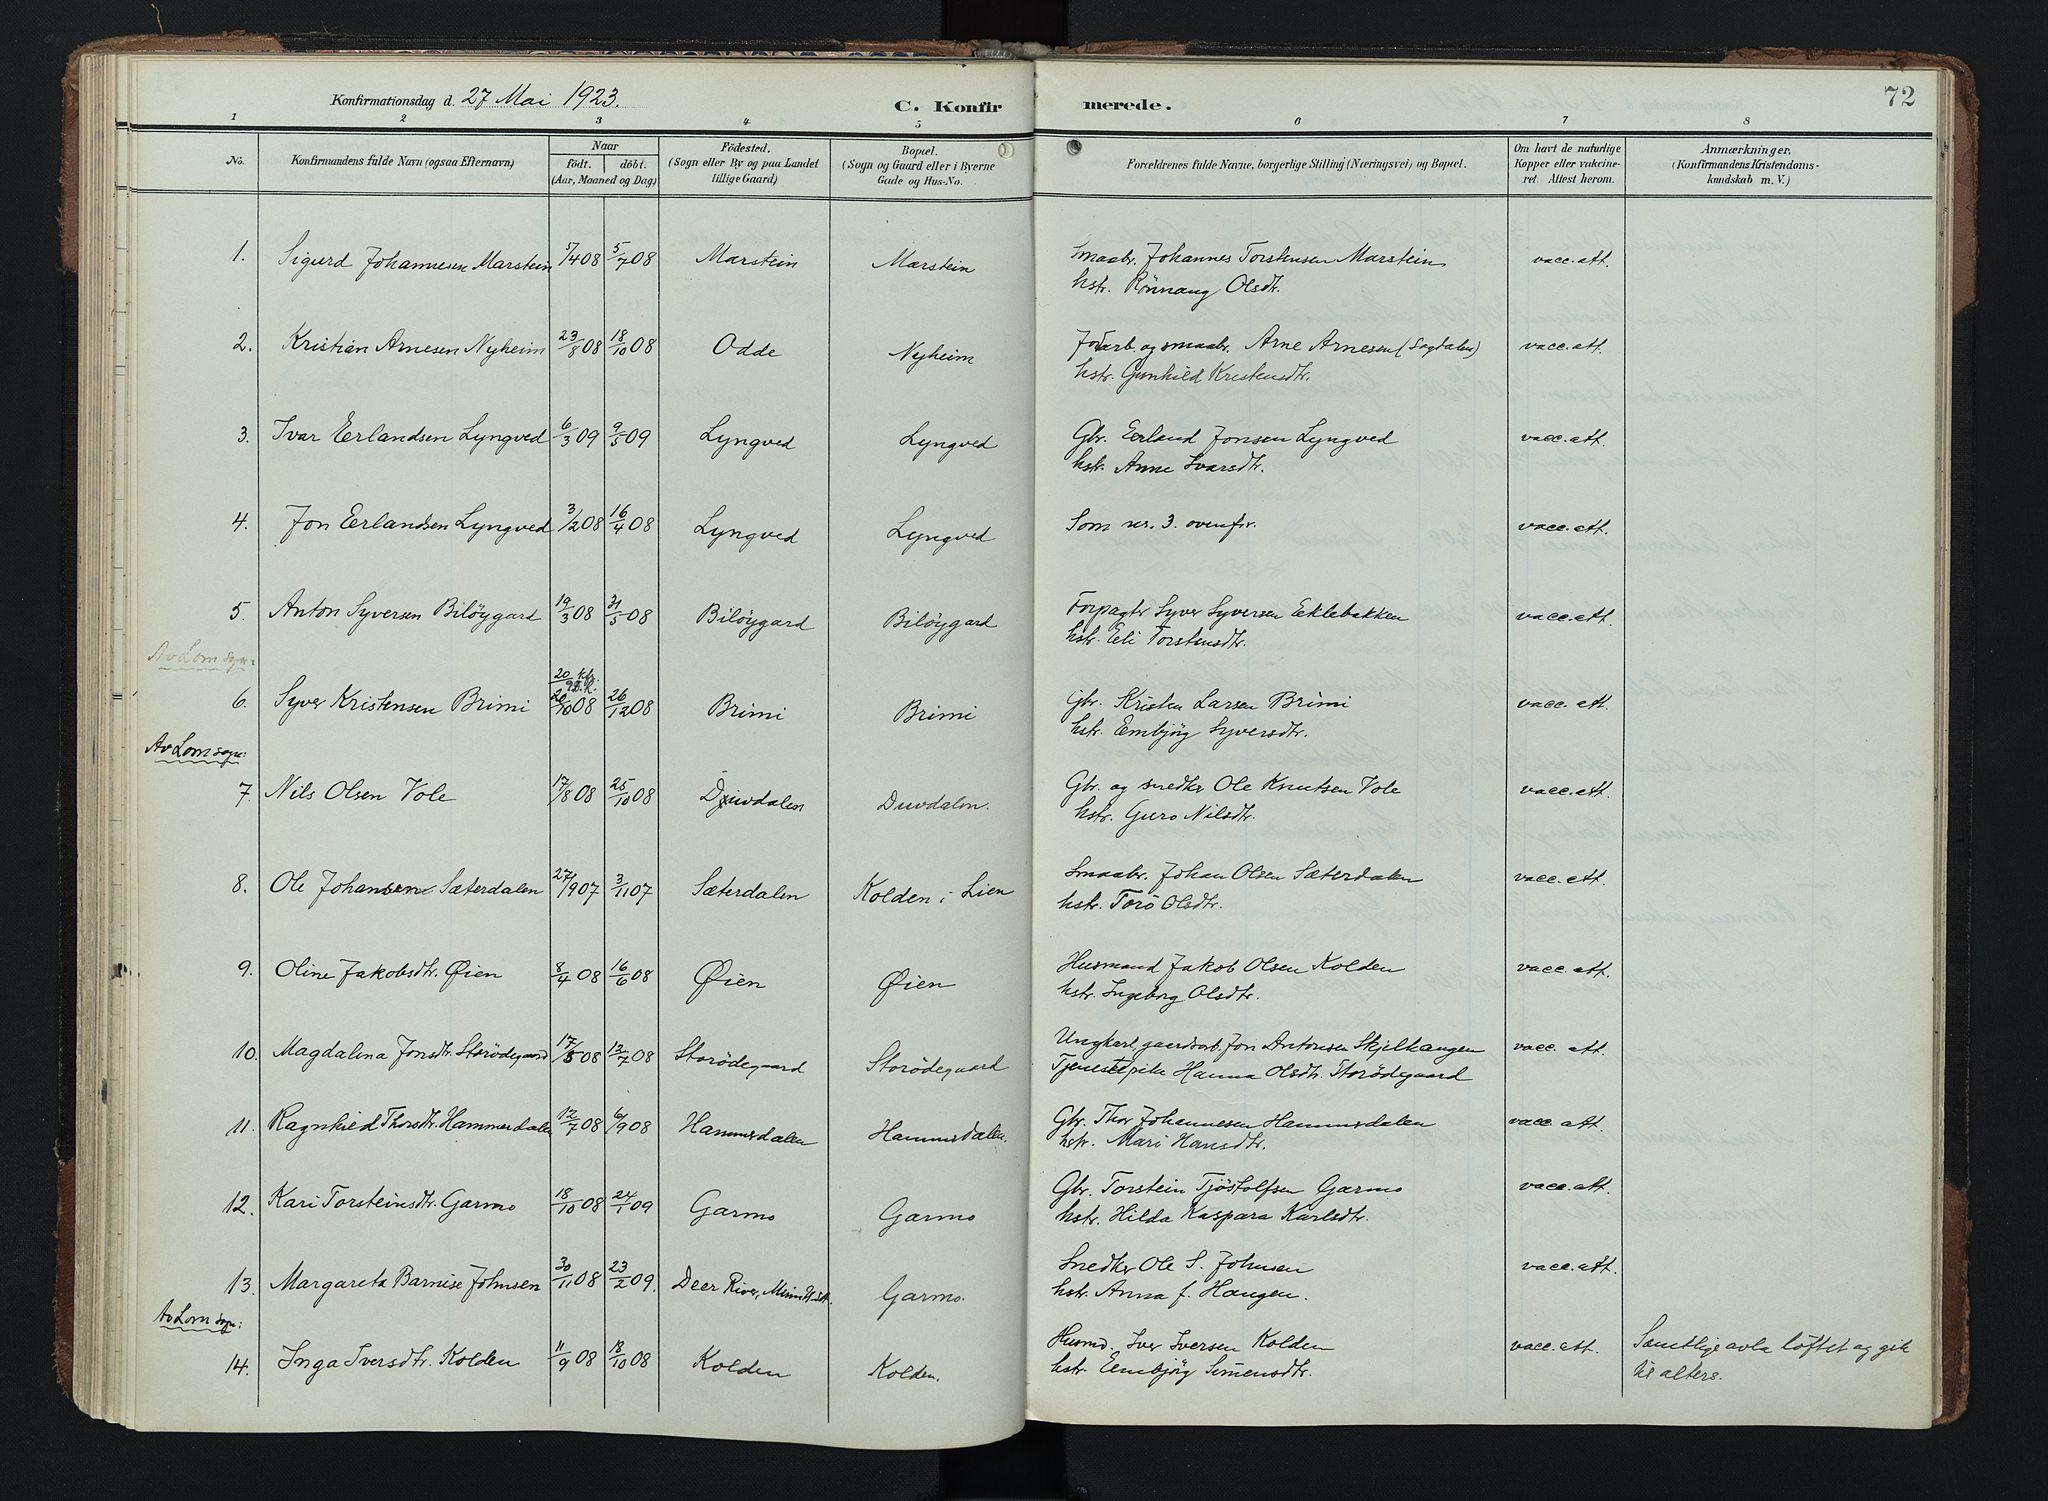 SAH, Lom prestekontor, K/L0011: Ministerialbok nr. 11, 1904-1928, s. 72